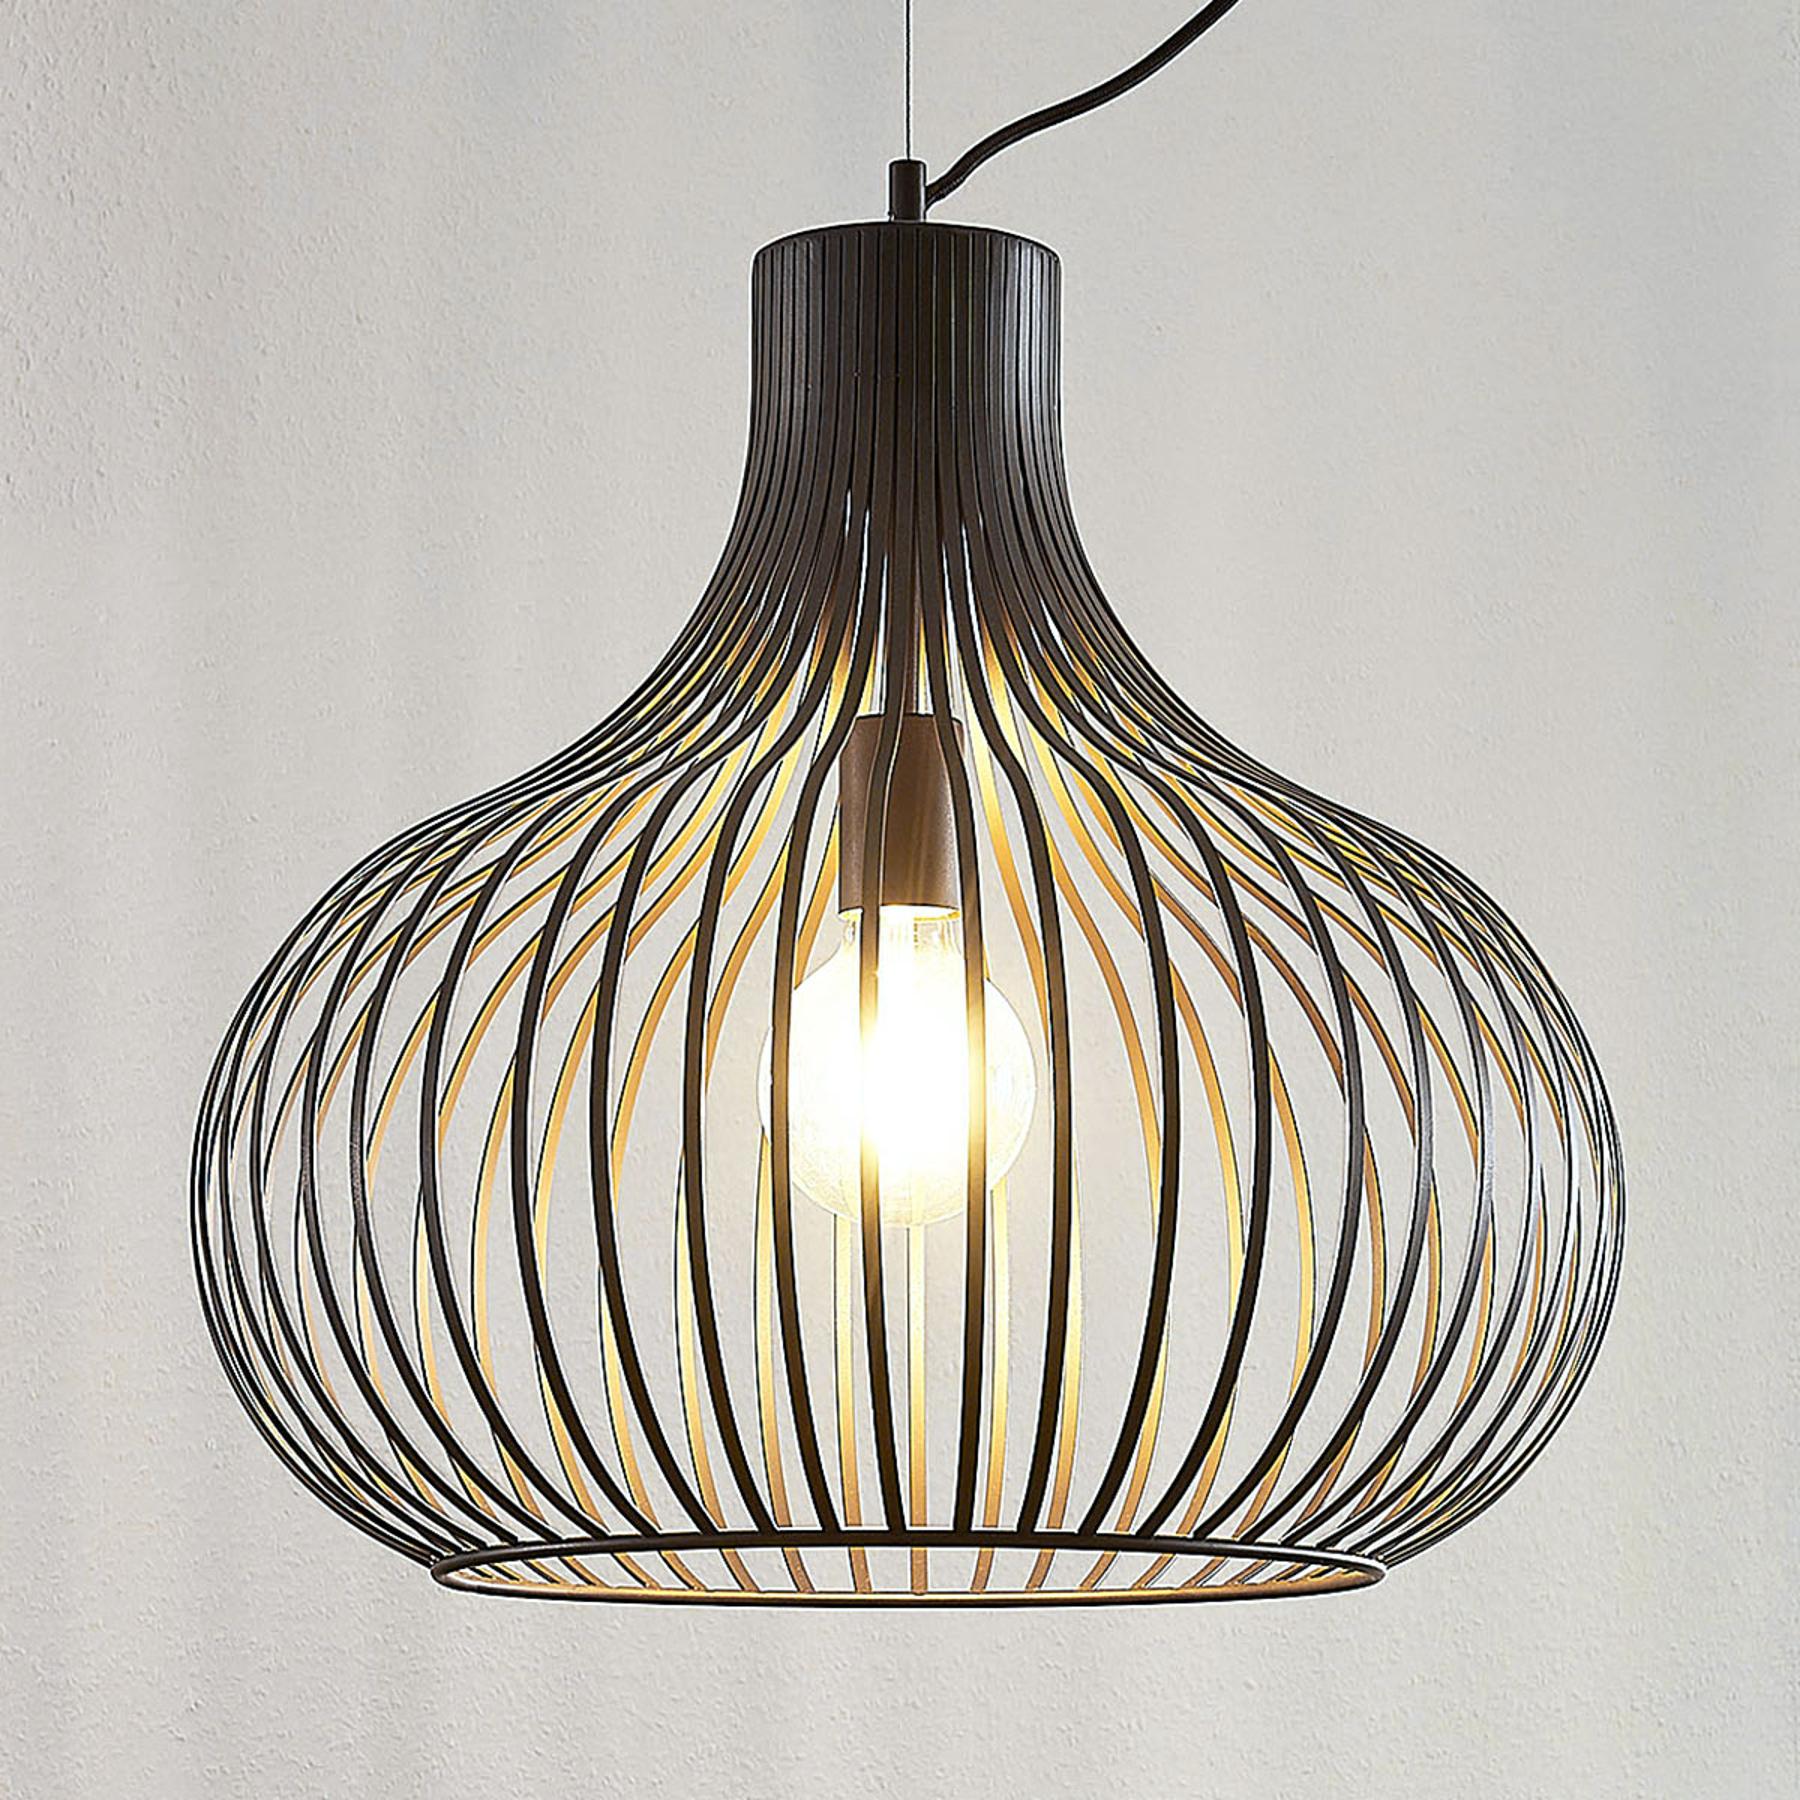 Lampa wisząca klatka Frances, 1-pkt., Ø 48 cm